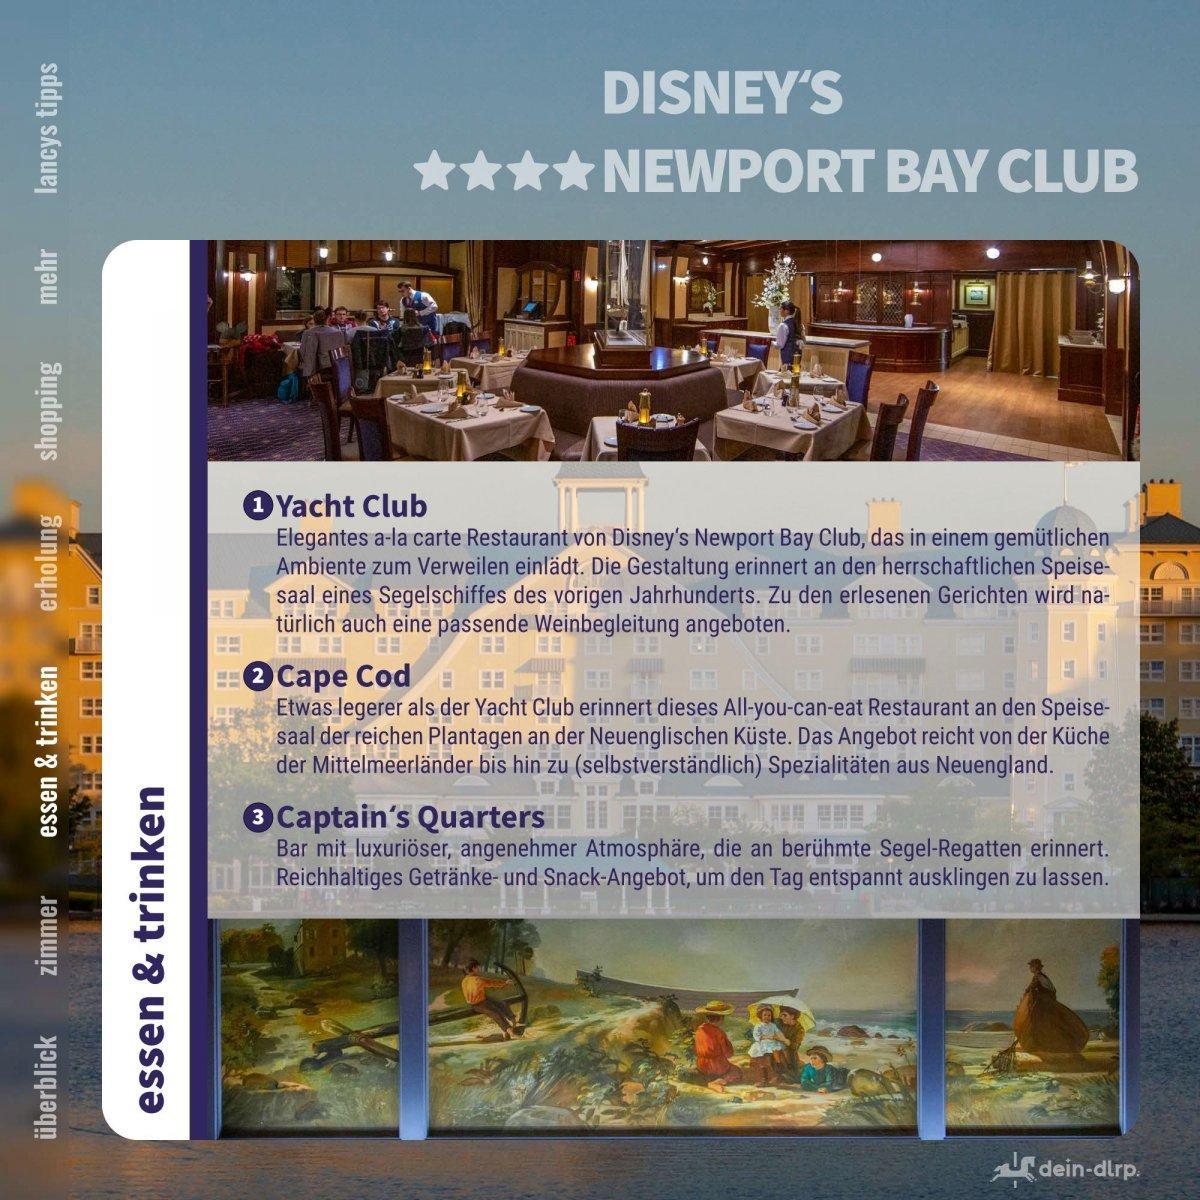 disneys-newport-bay-club-hotel-fuehrer_04.jpg